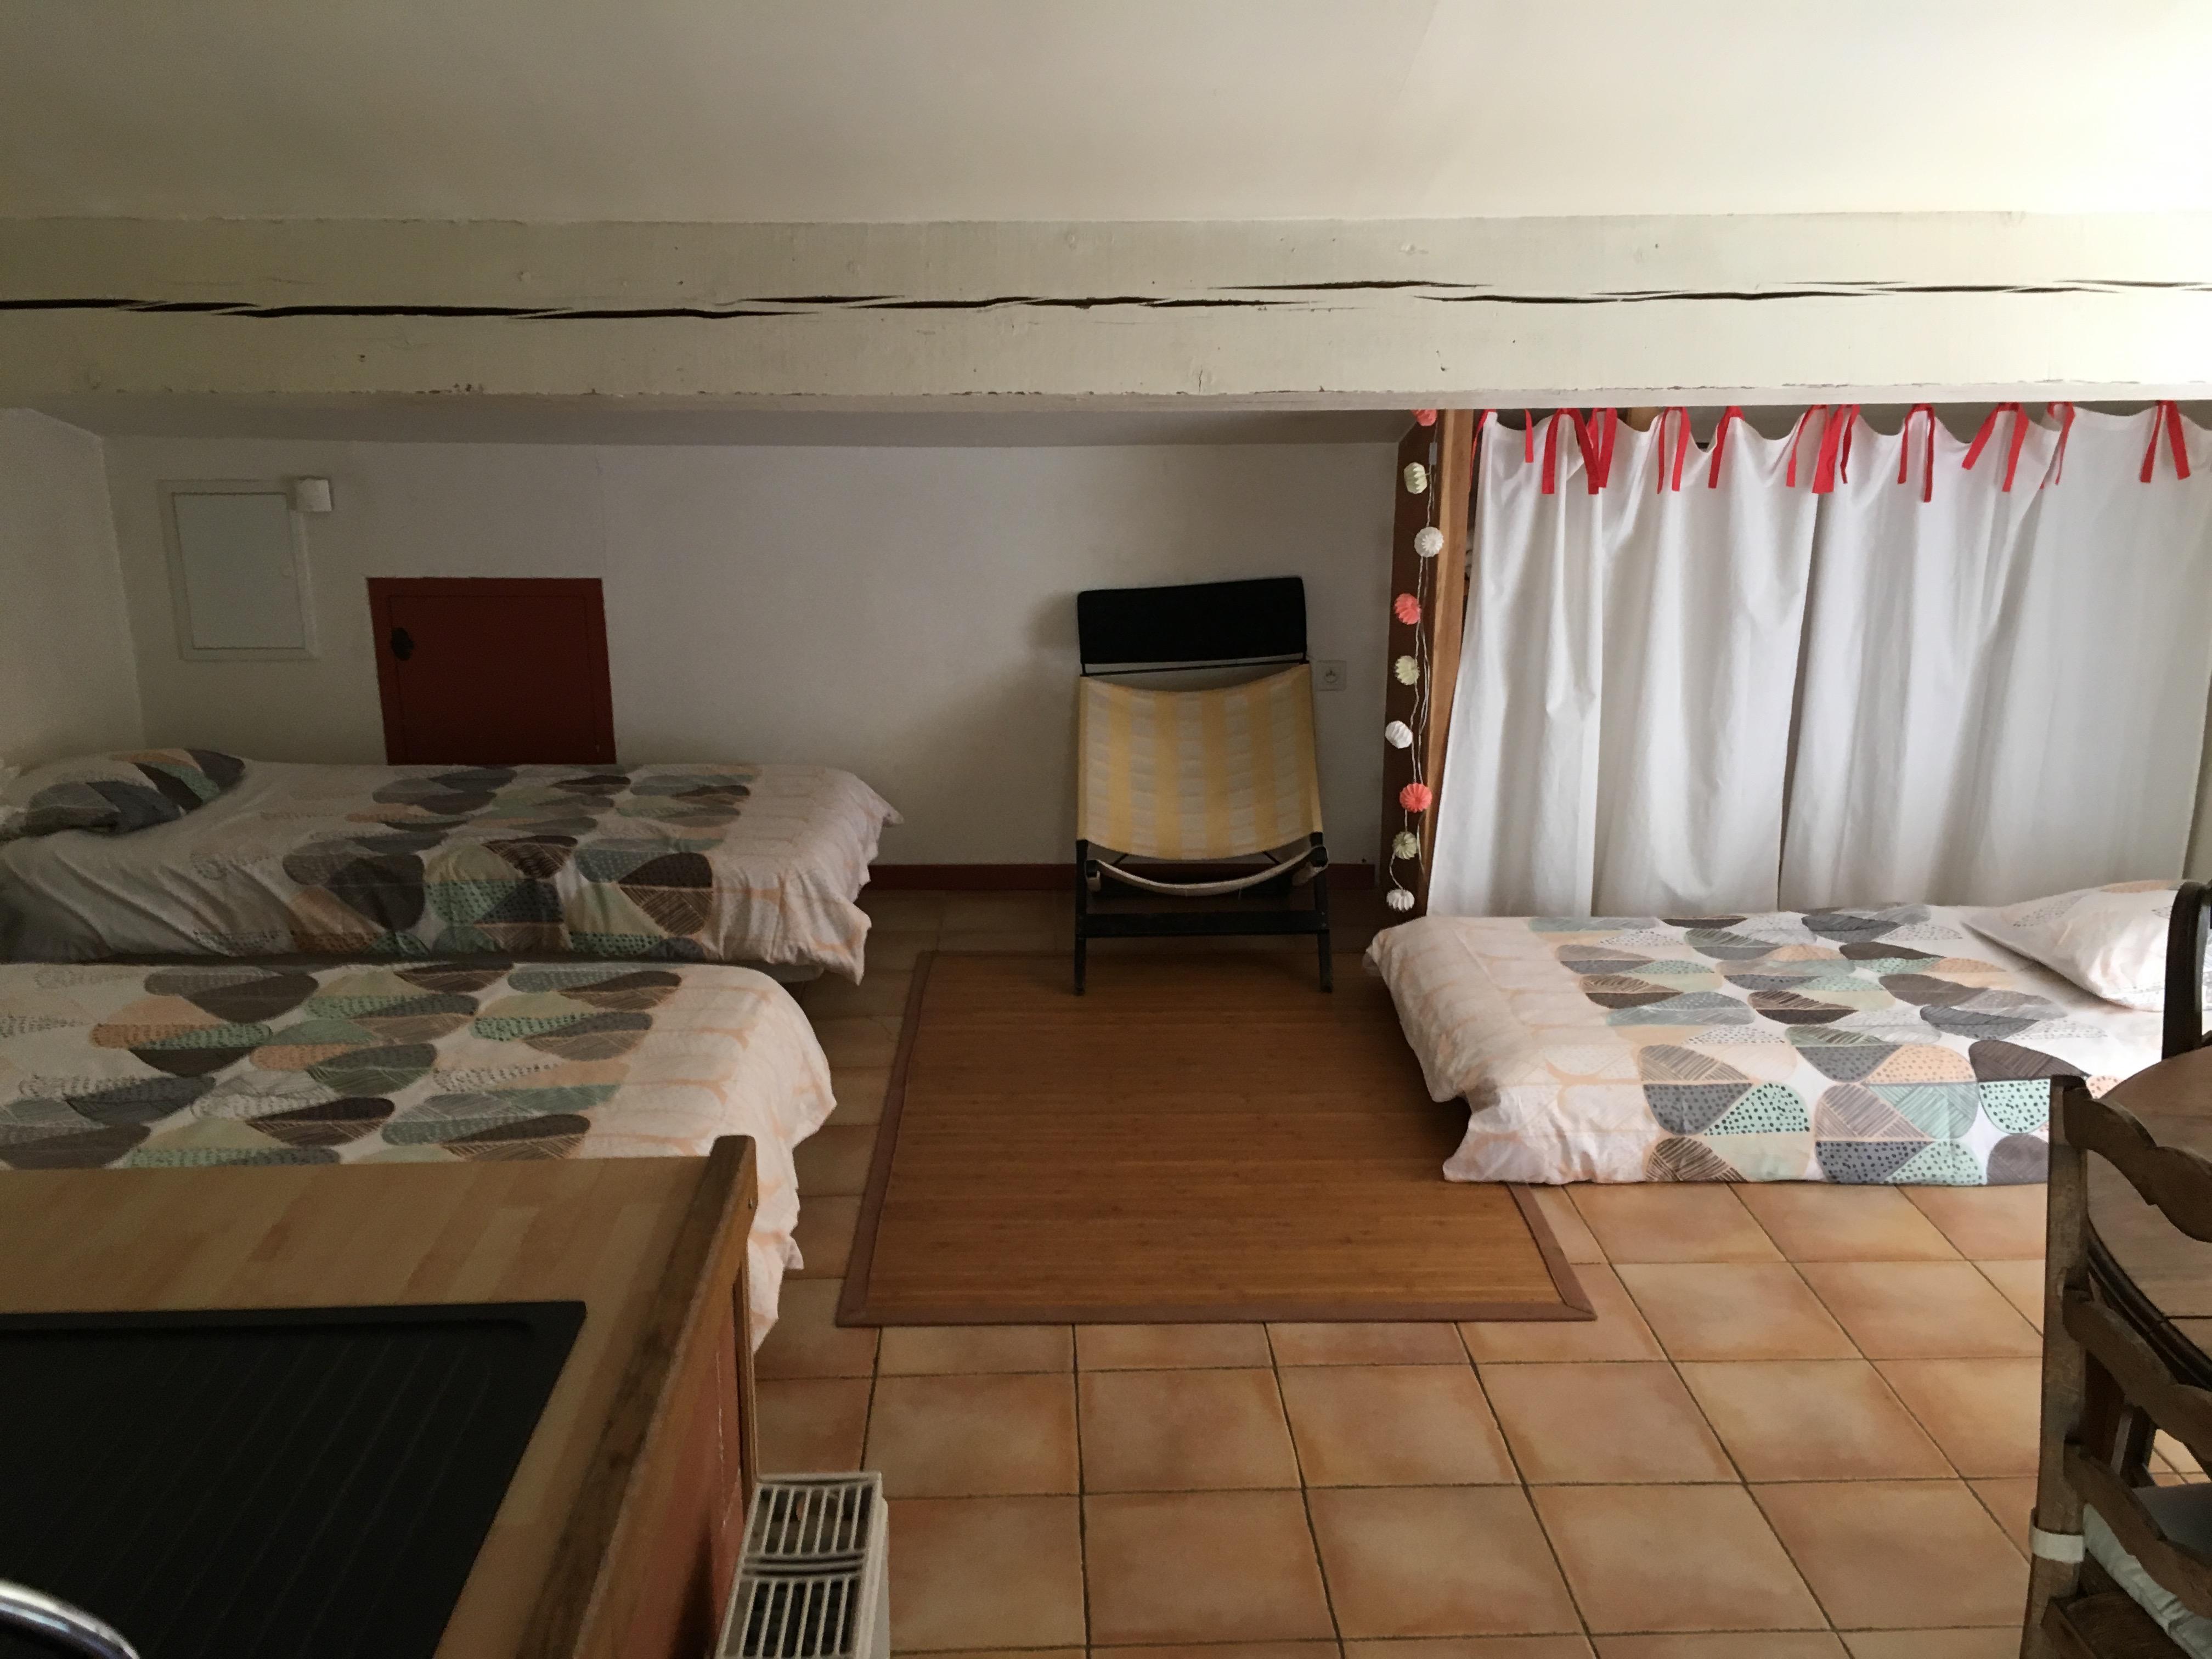 Lits simples dans le séjour / Single beds in the living room